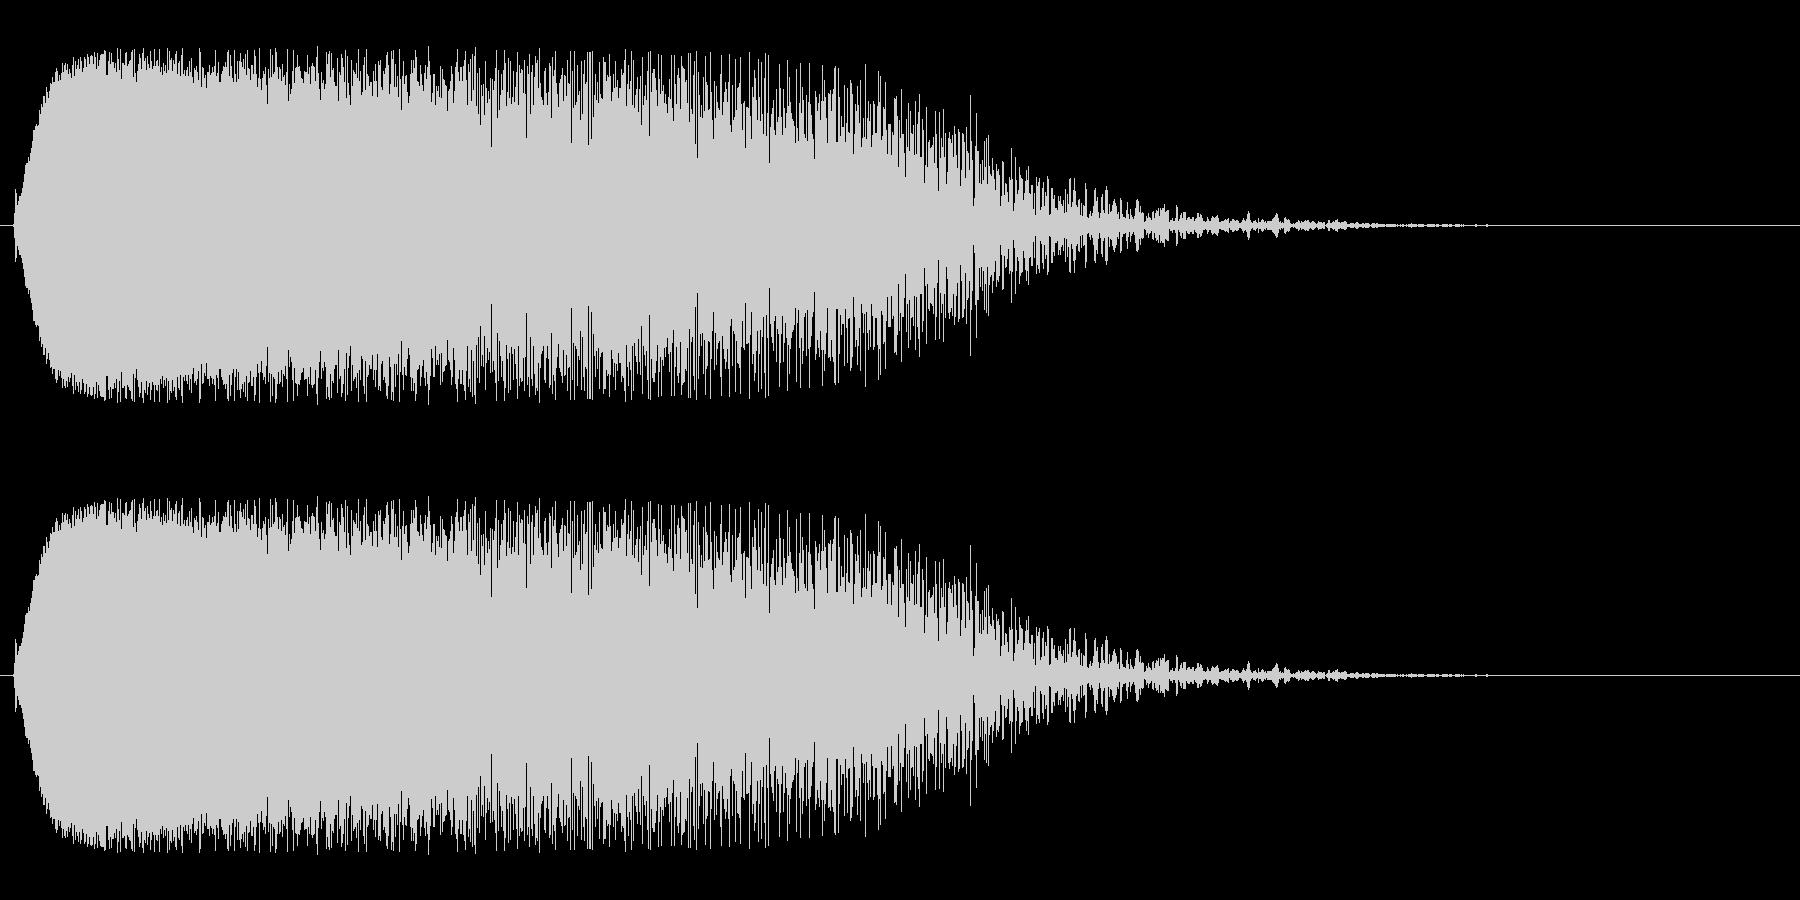 チューン(空間移動を思わせる効果音)の未再生の波形